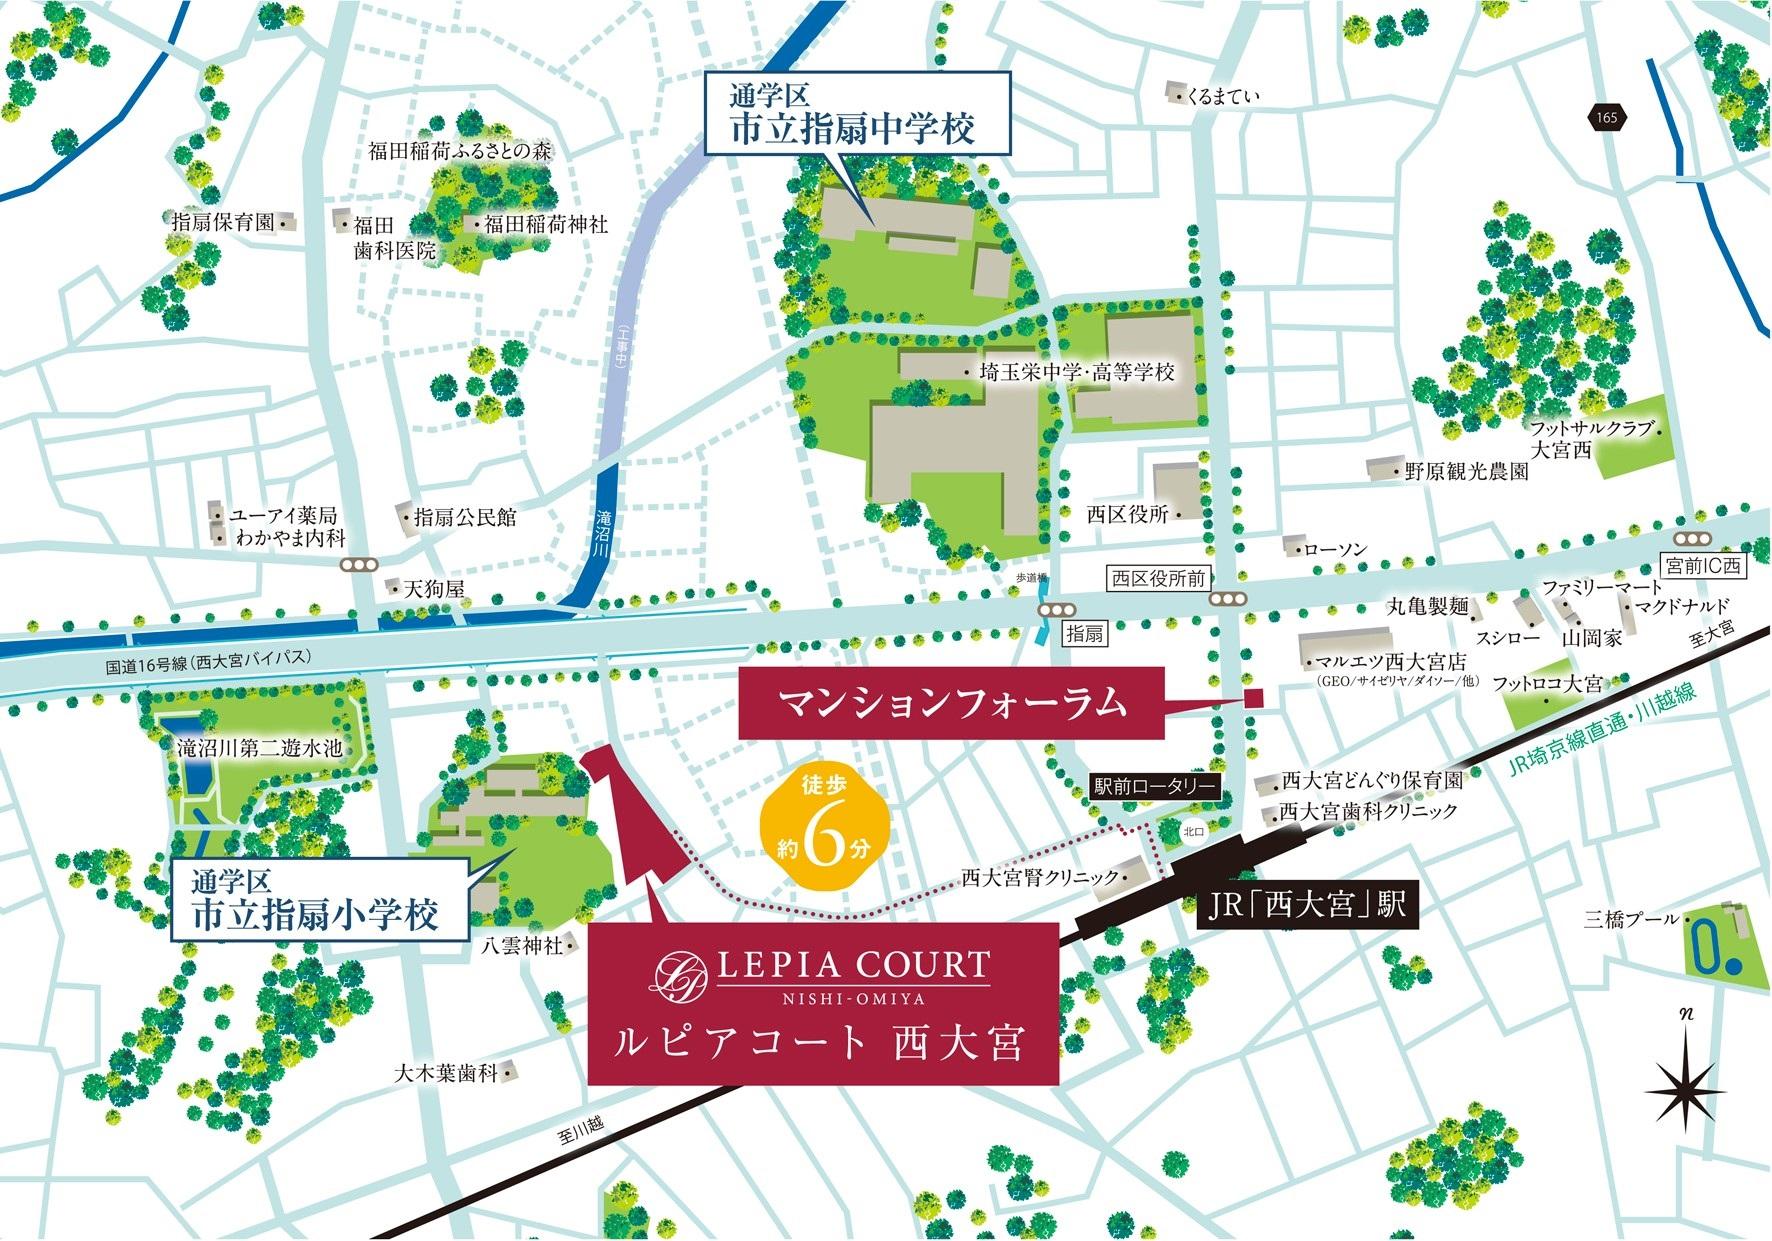 ルピアコート西大宮:モデルルーム地図